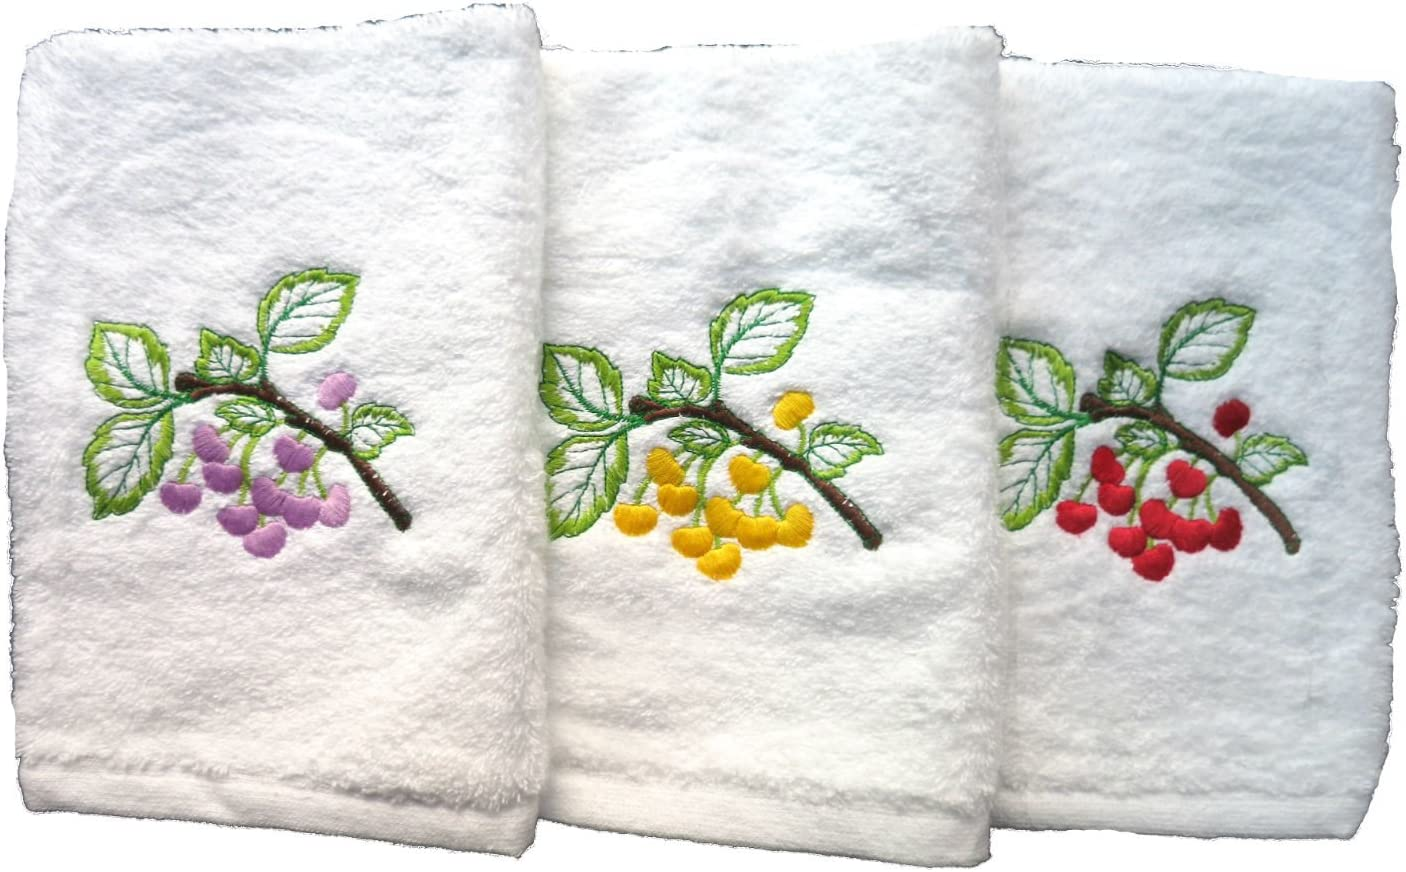 Lote de 3 paños de cocina rizo 100%algodón, Bordados, 50x50cm, fabricados en Portugal. Blanco.: Amazon.es: Hogar